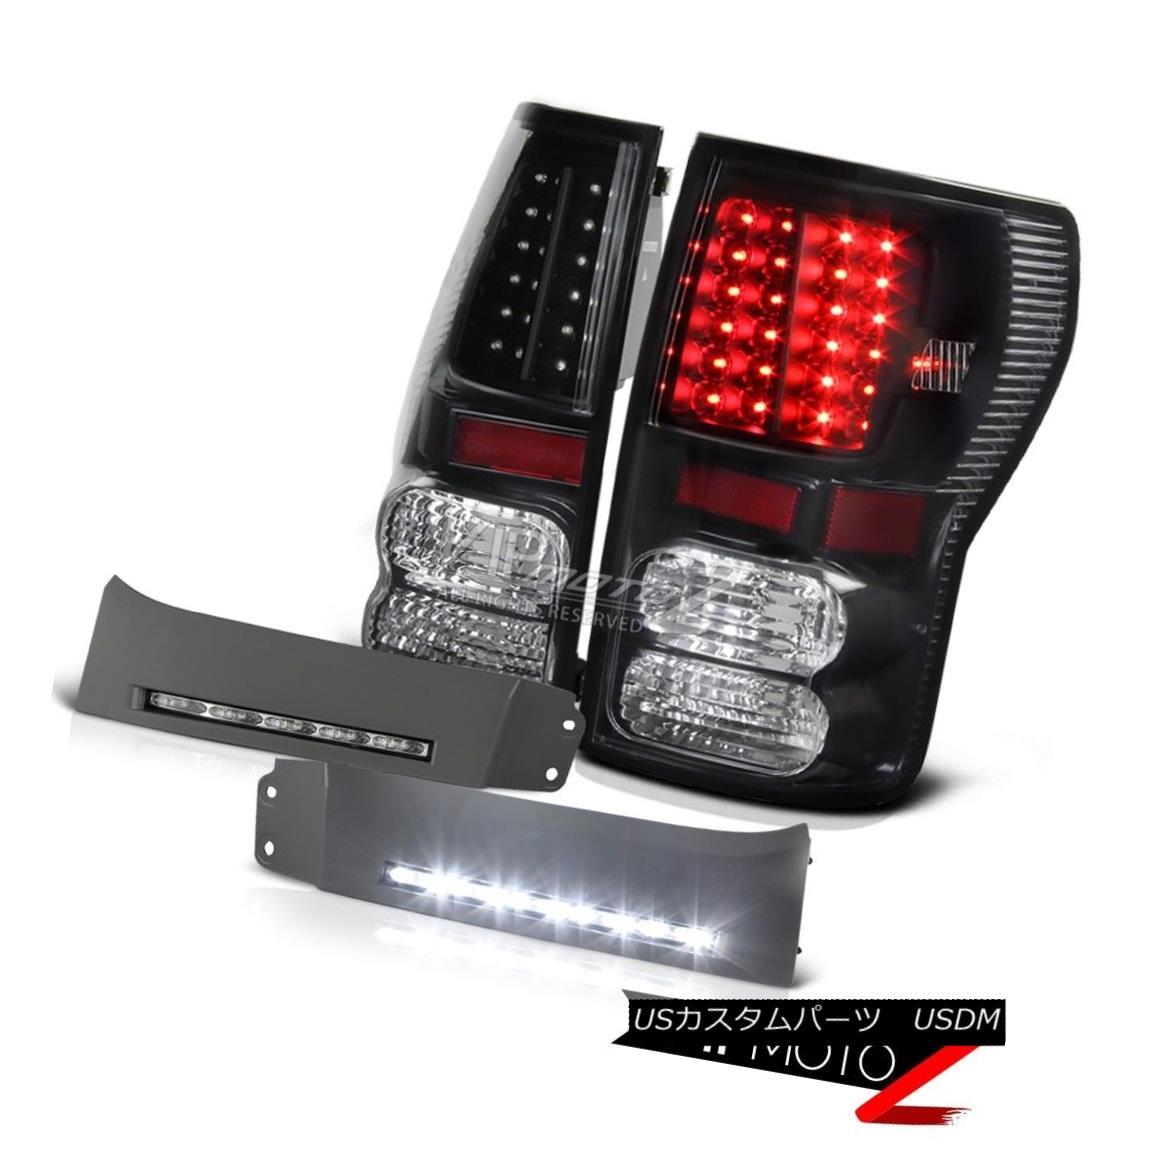 テールライト 2007-2013 Toyota Tundra V8 4.7L Black LED Tail Light World Brightest DRL Fog Kit 2007年?2013年トヨタトンドラV8 4.7LブラックLEDテールライト世界最速DRLフォグキット